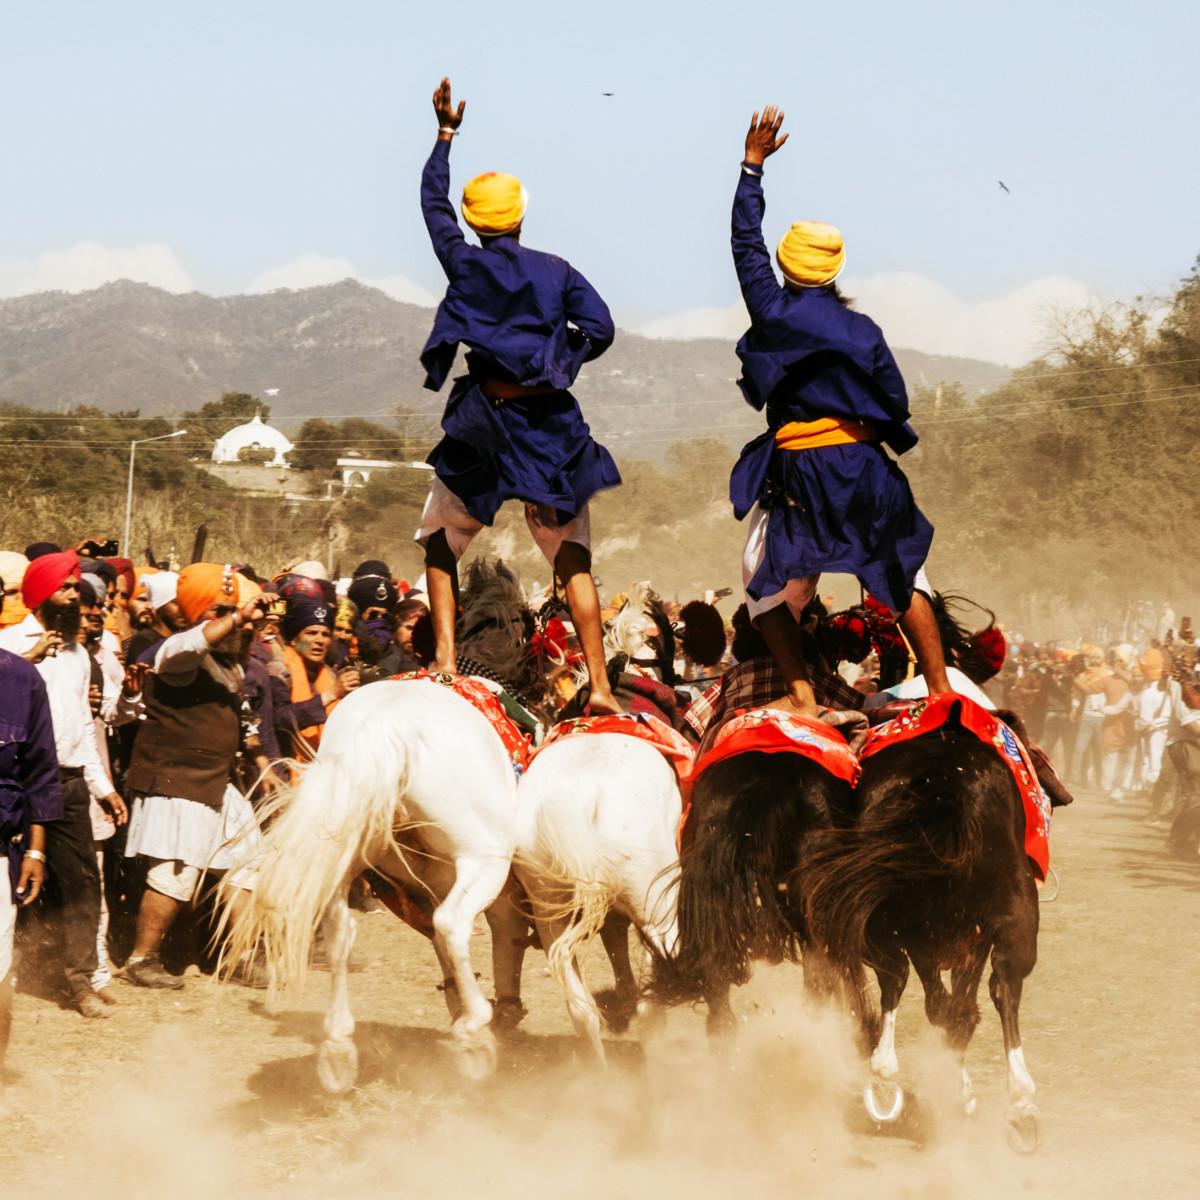 Hornbill Festival: The Festival of Festivals India